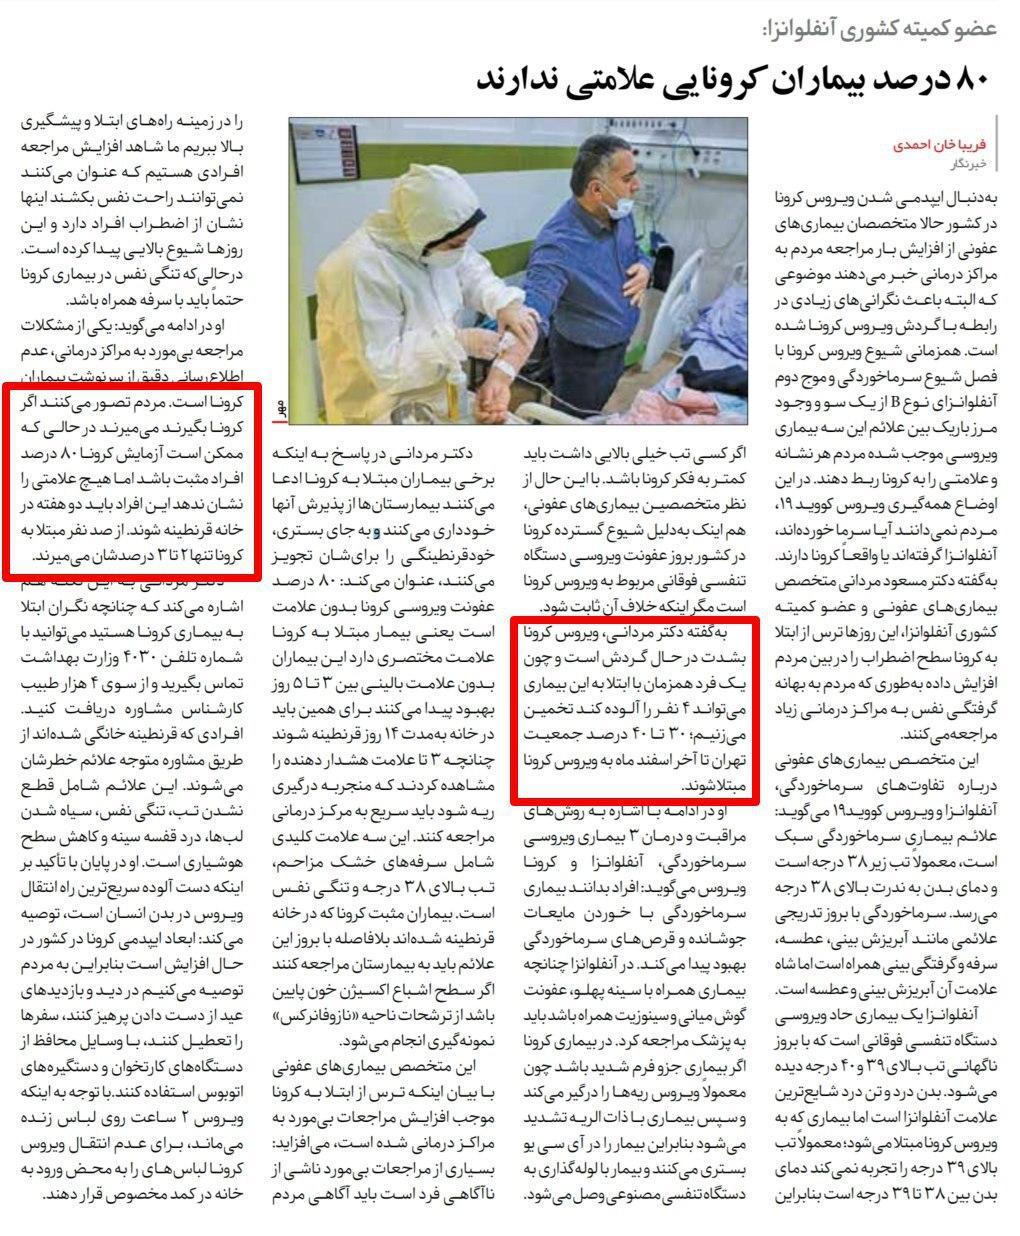 مسعود مردانی عضو کمیته کشوری … 451722001583420404